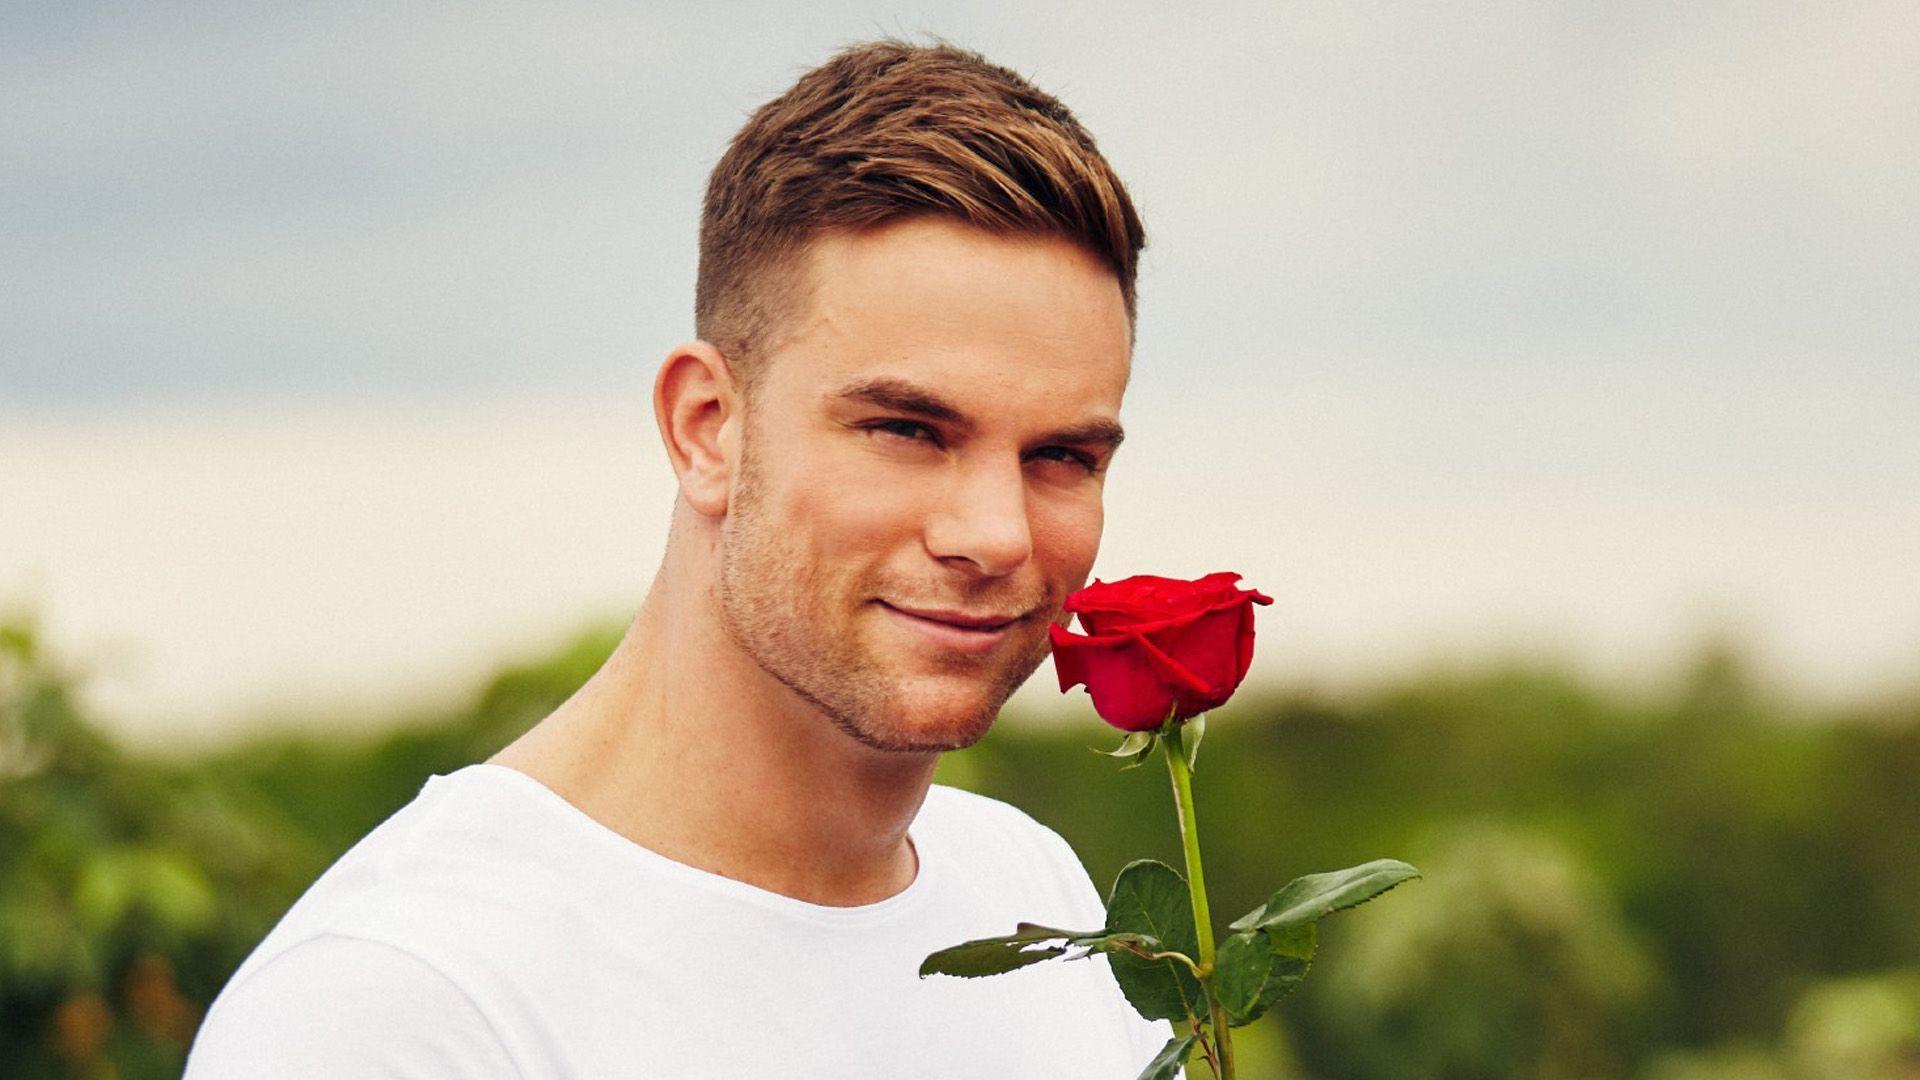 der bachelor_bachelor_jubiläum_junggesellen_dating show_rosenkavaliere